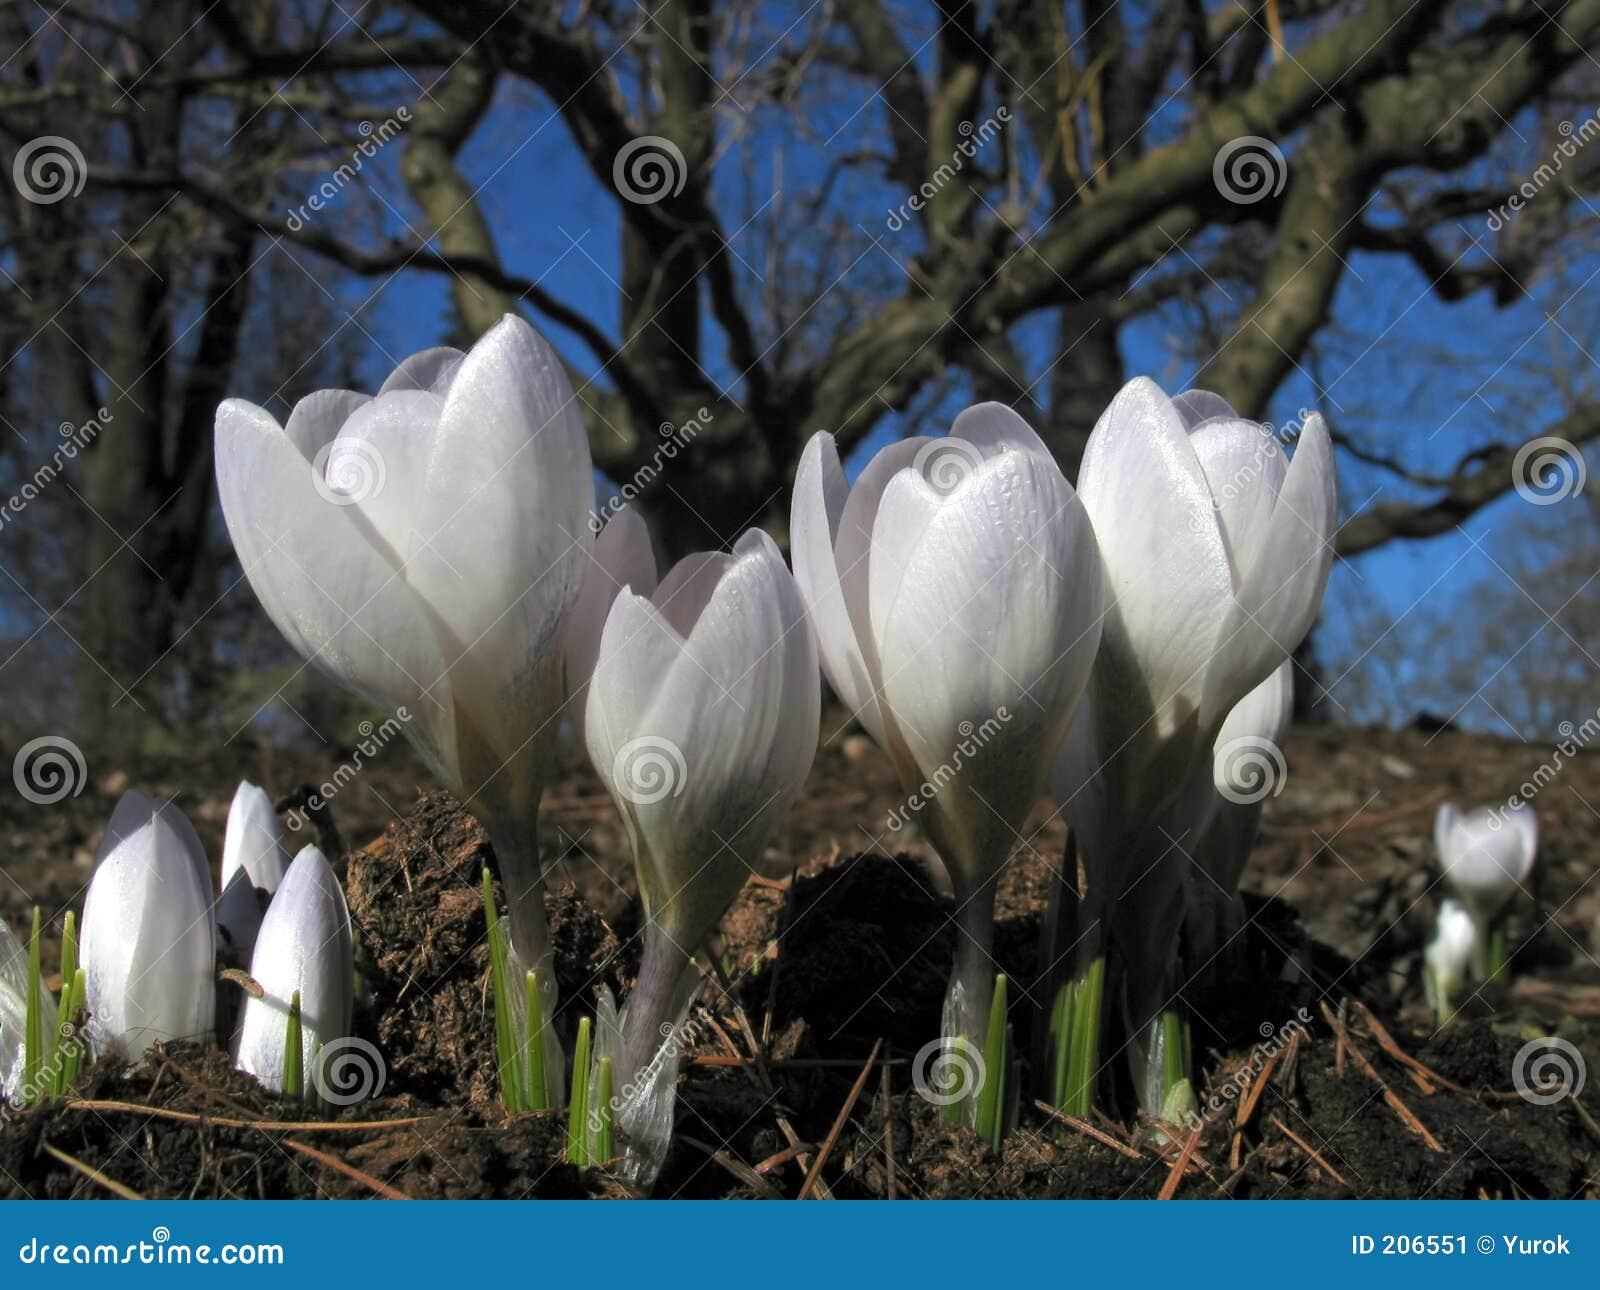 Blooming white crocuses